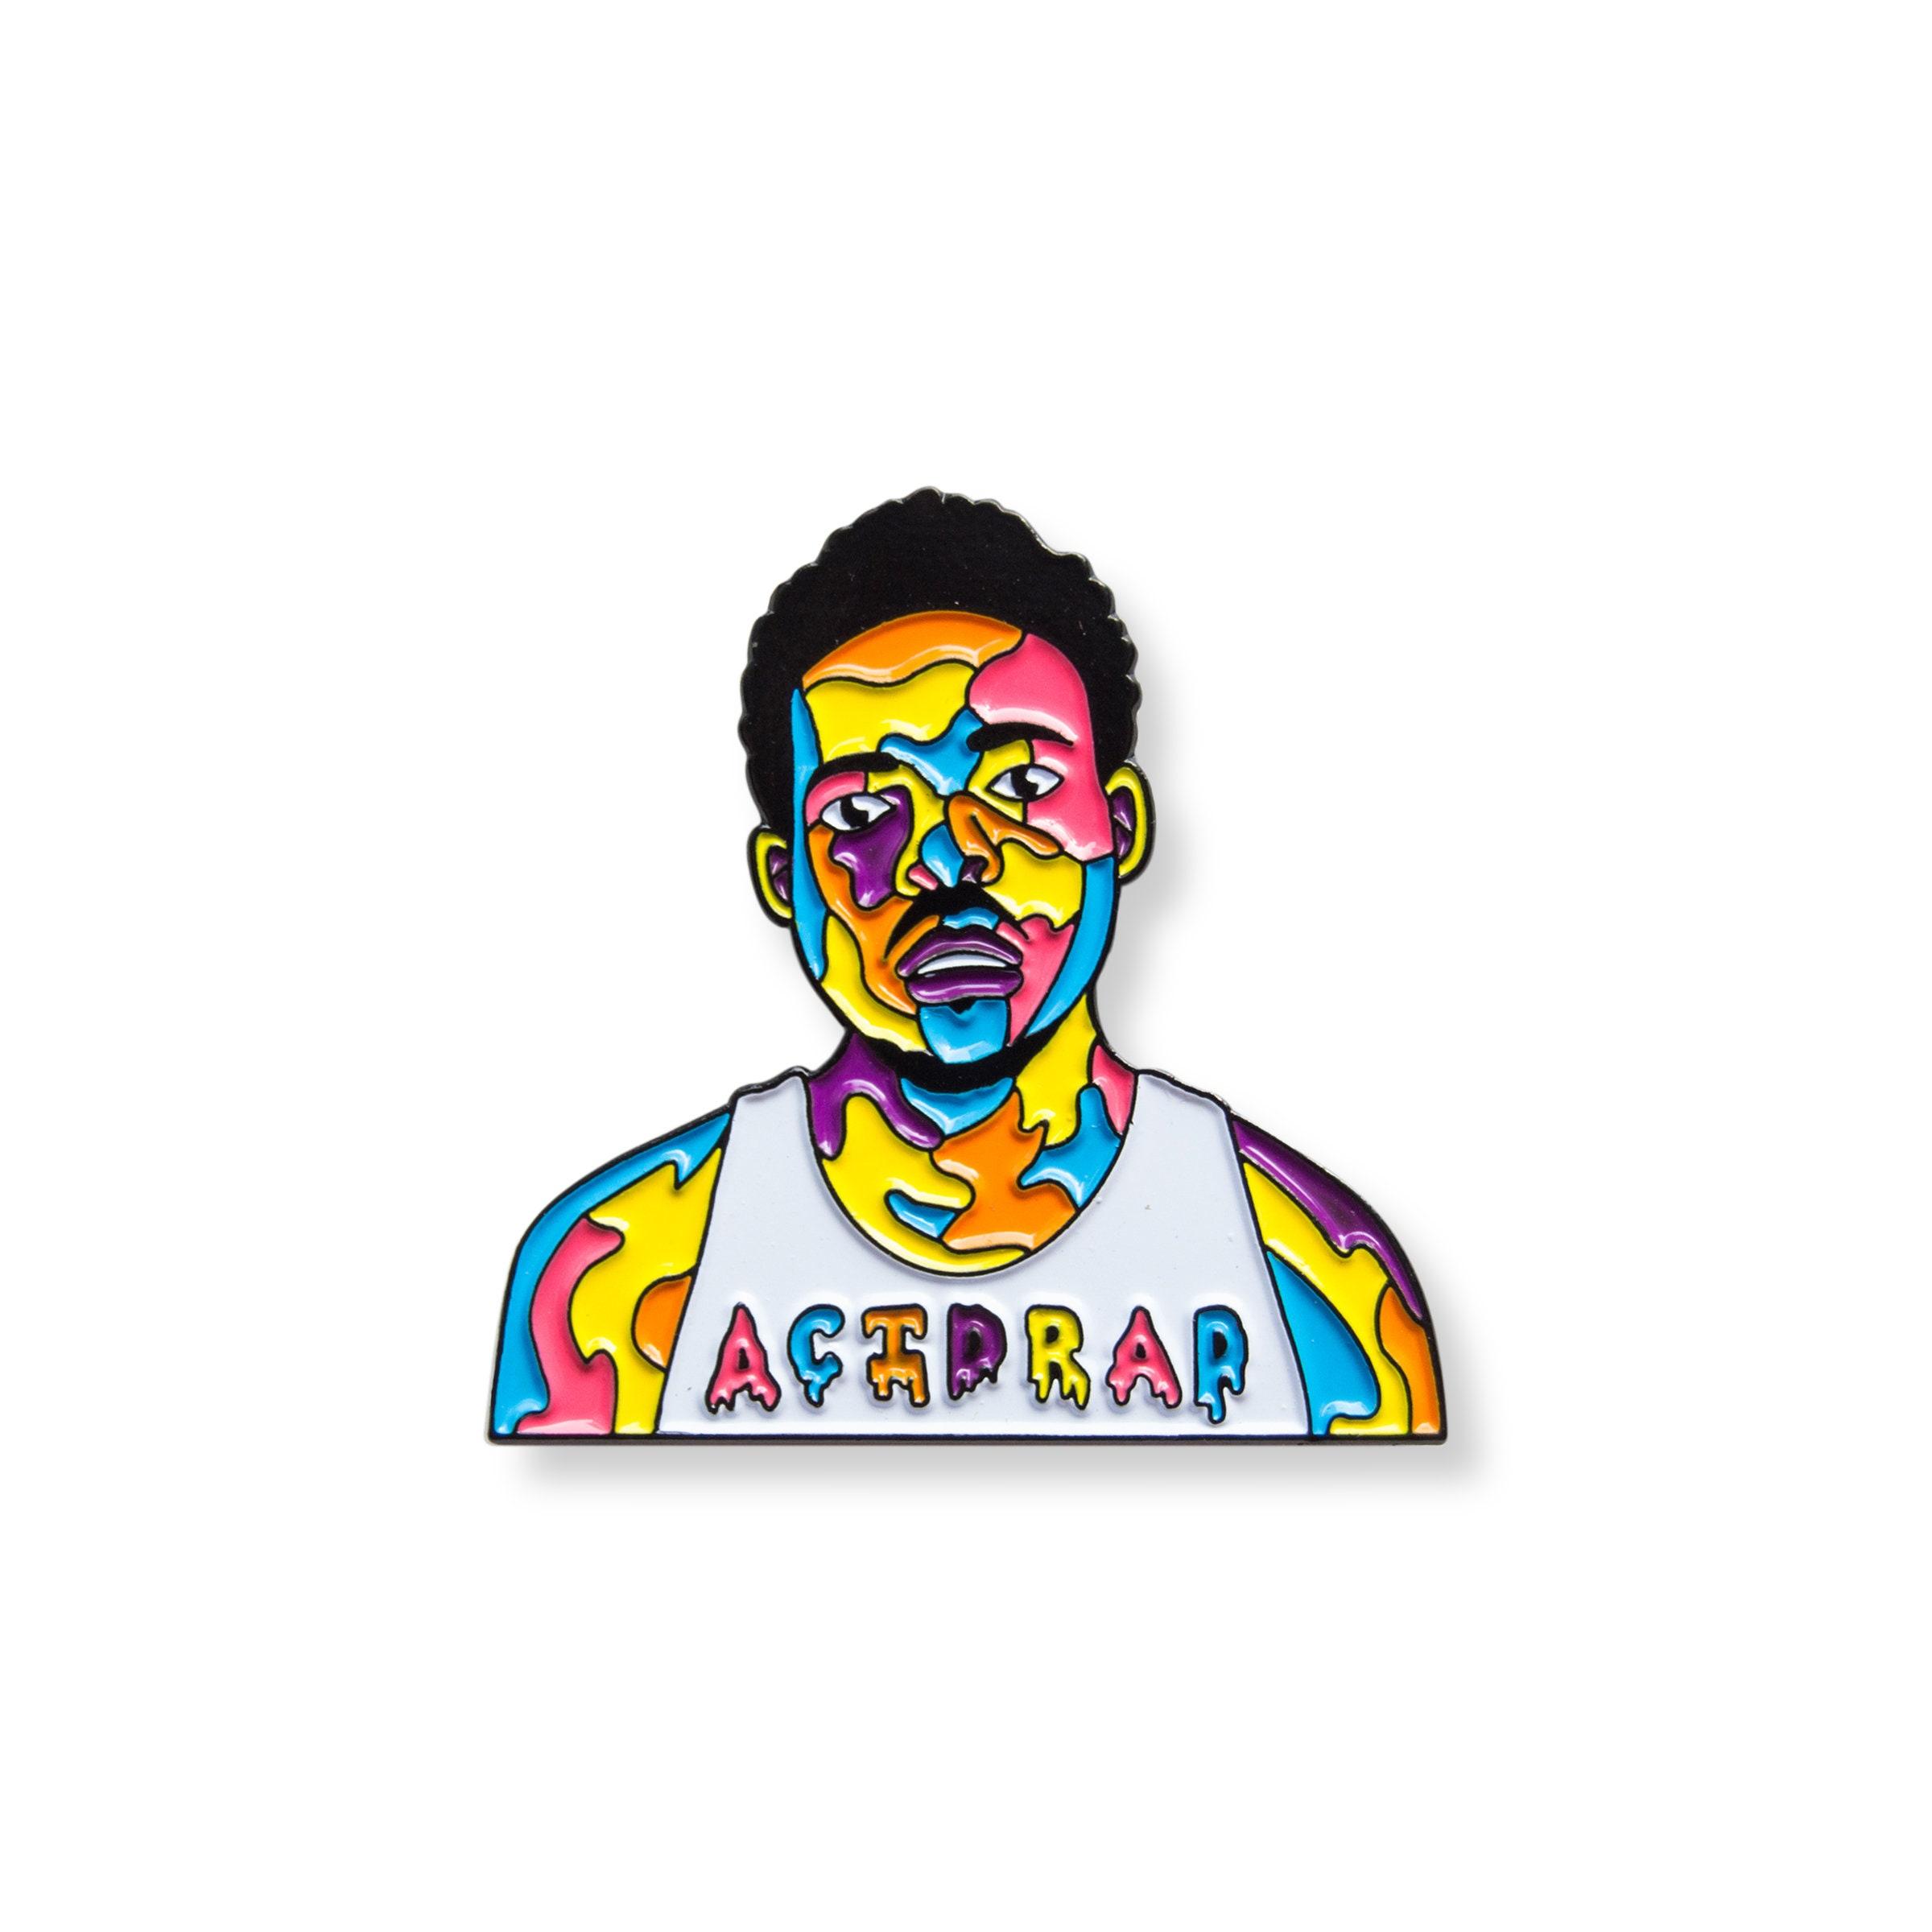 Chance Acid Rapper Sunday Candy V2 The